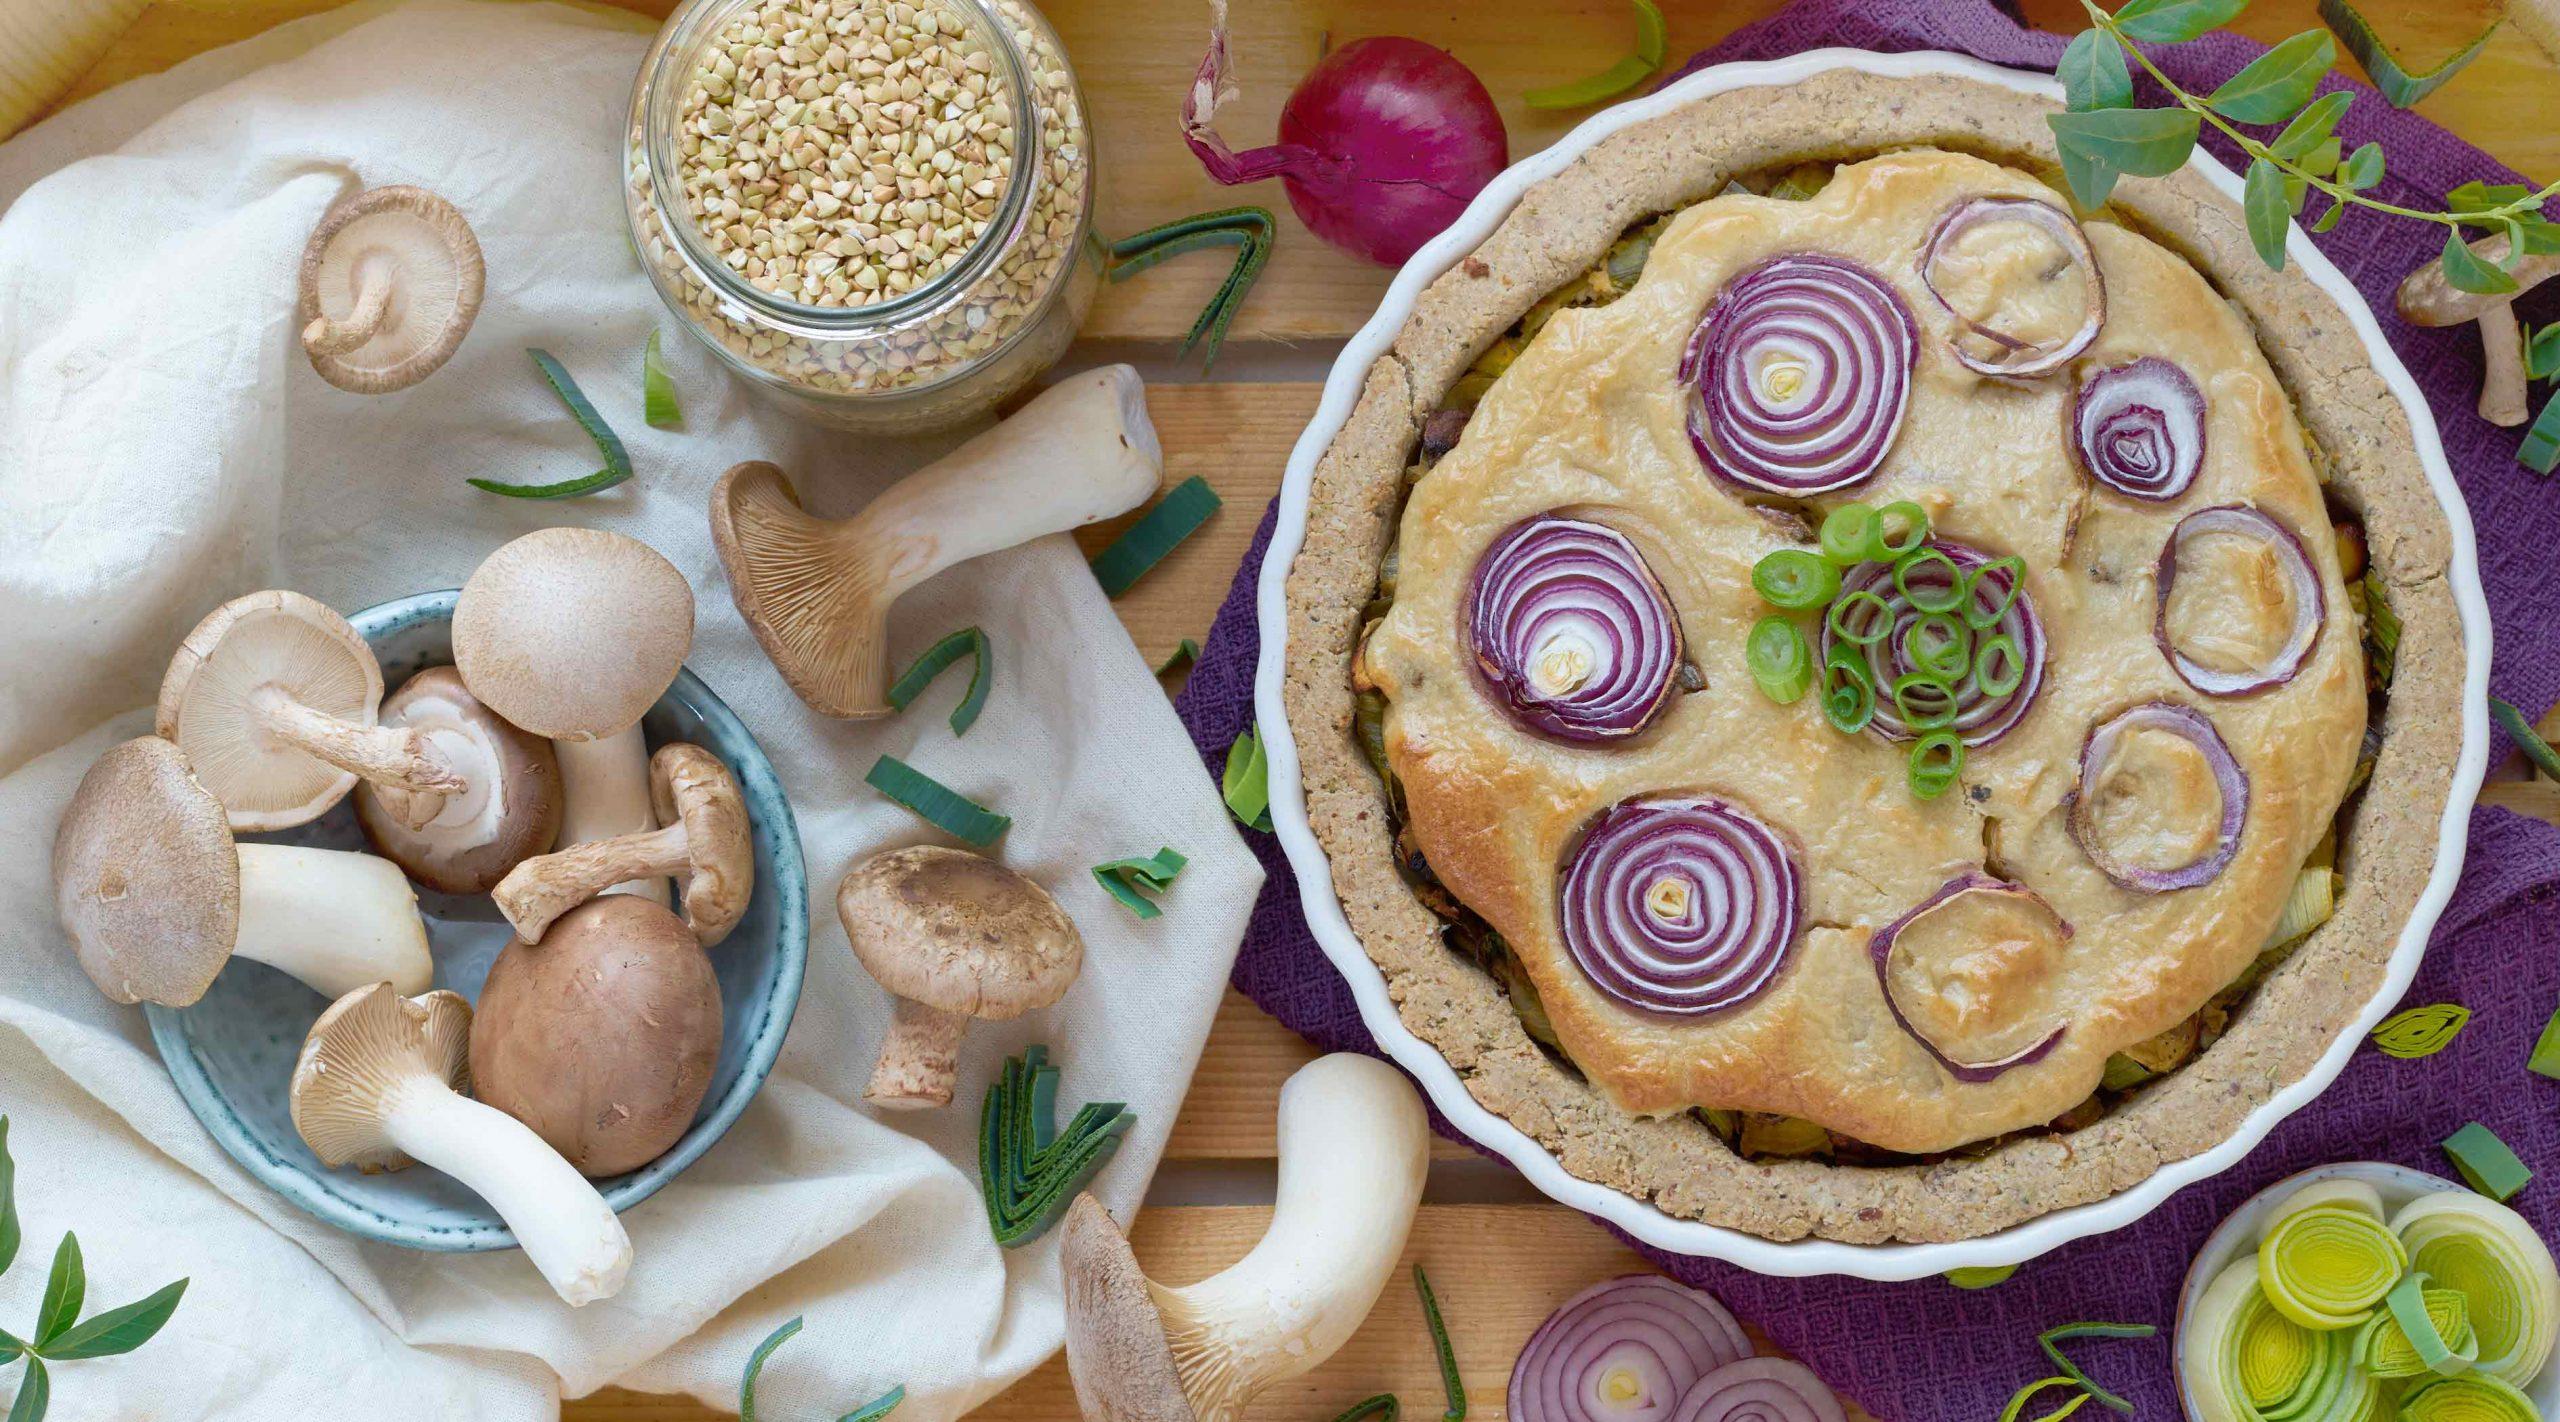 Glutenfreie Lauch-Pilz-Tarte mit Kräuterseitlingen.